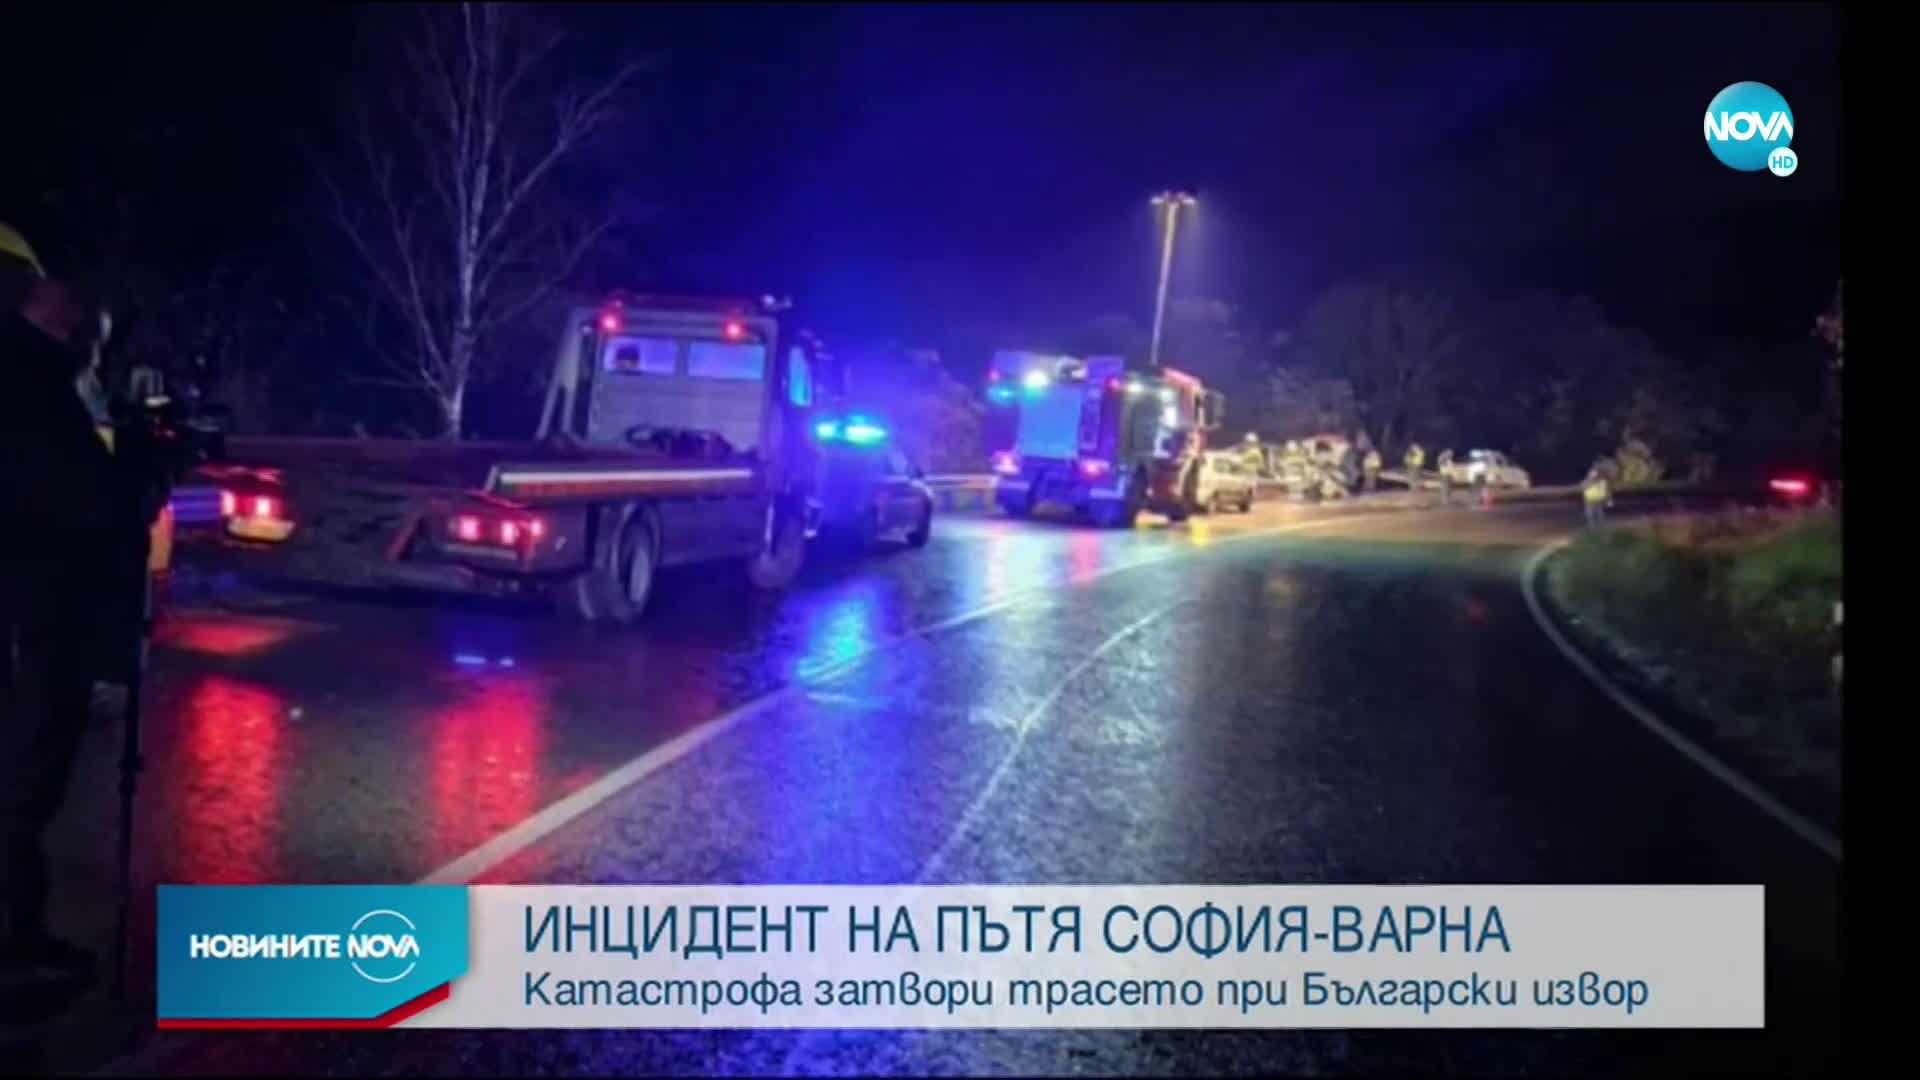 Тежка катастрофа затвори пътя София - Варна, има жертва и ранени